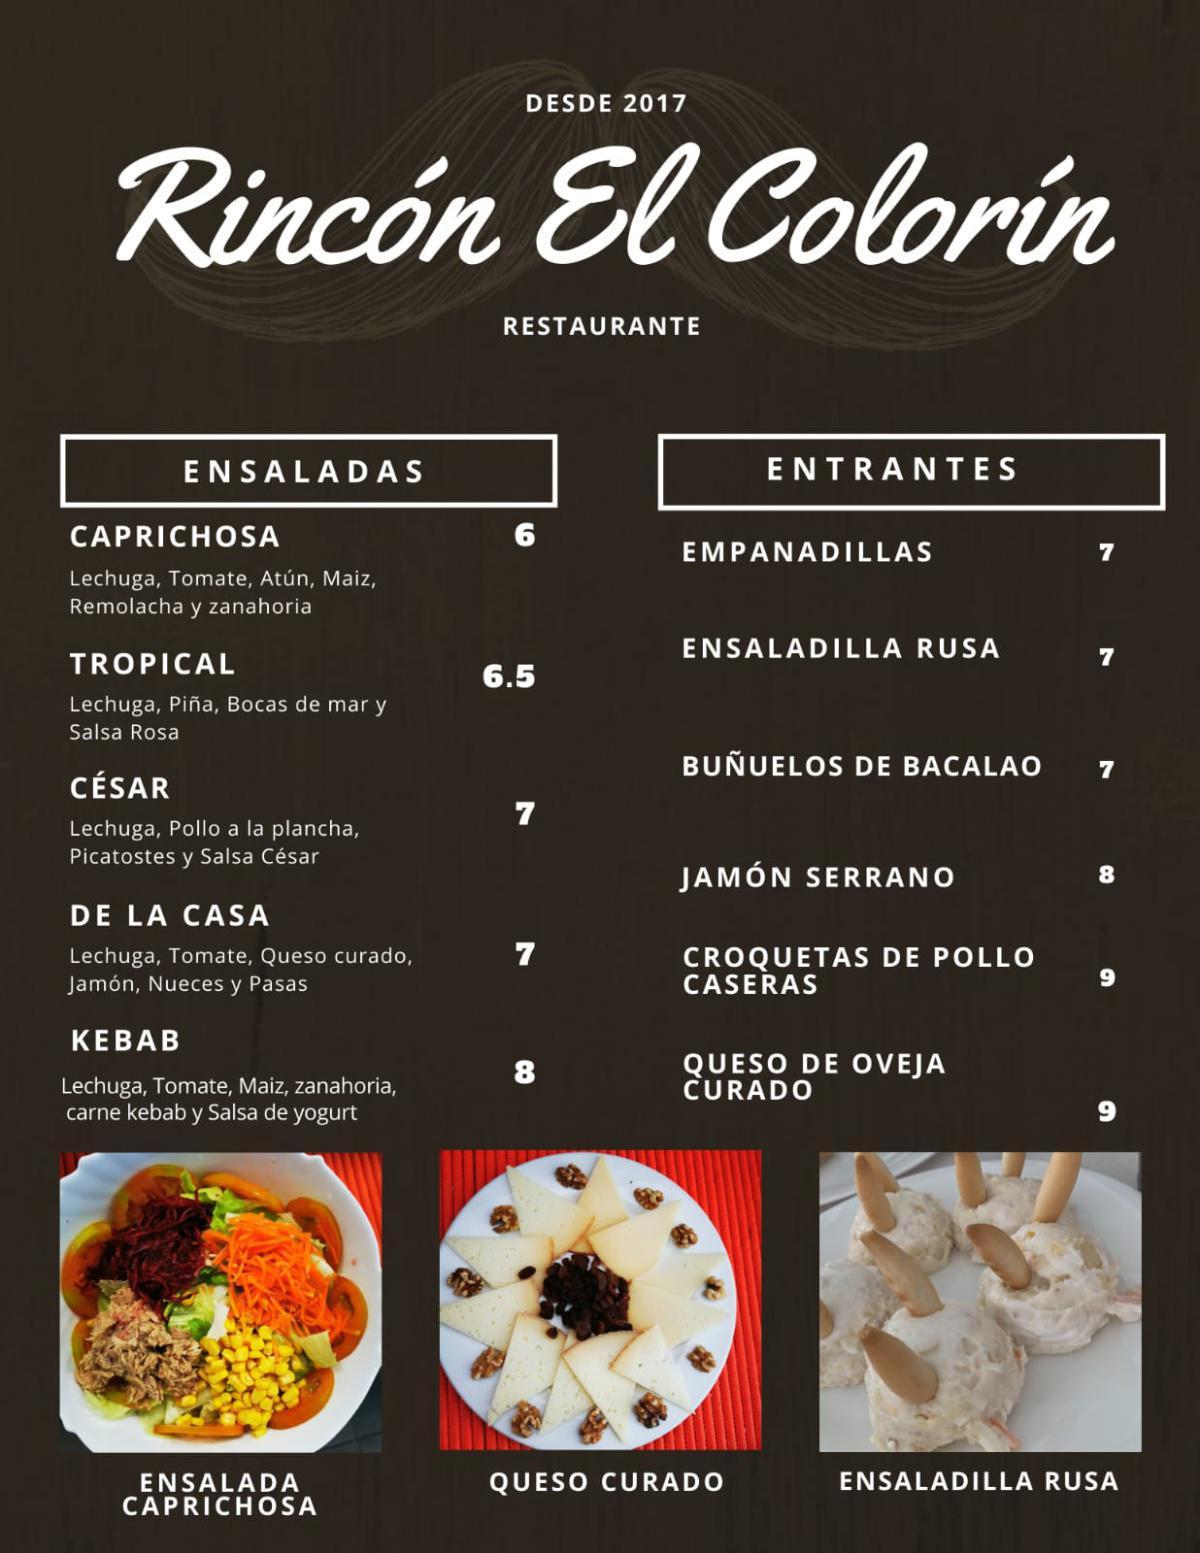 Rincón El Colorin